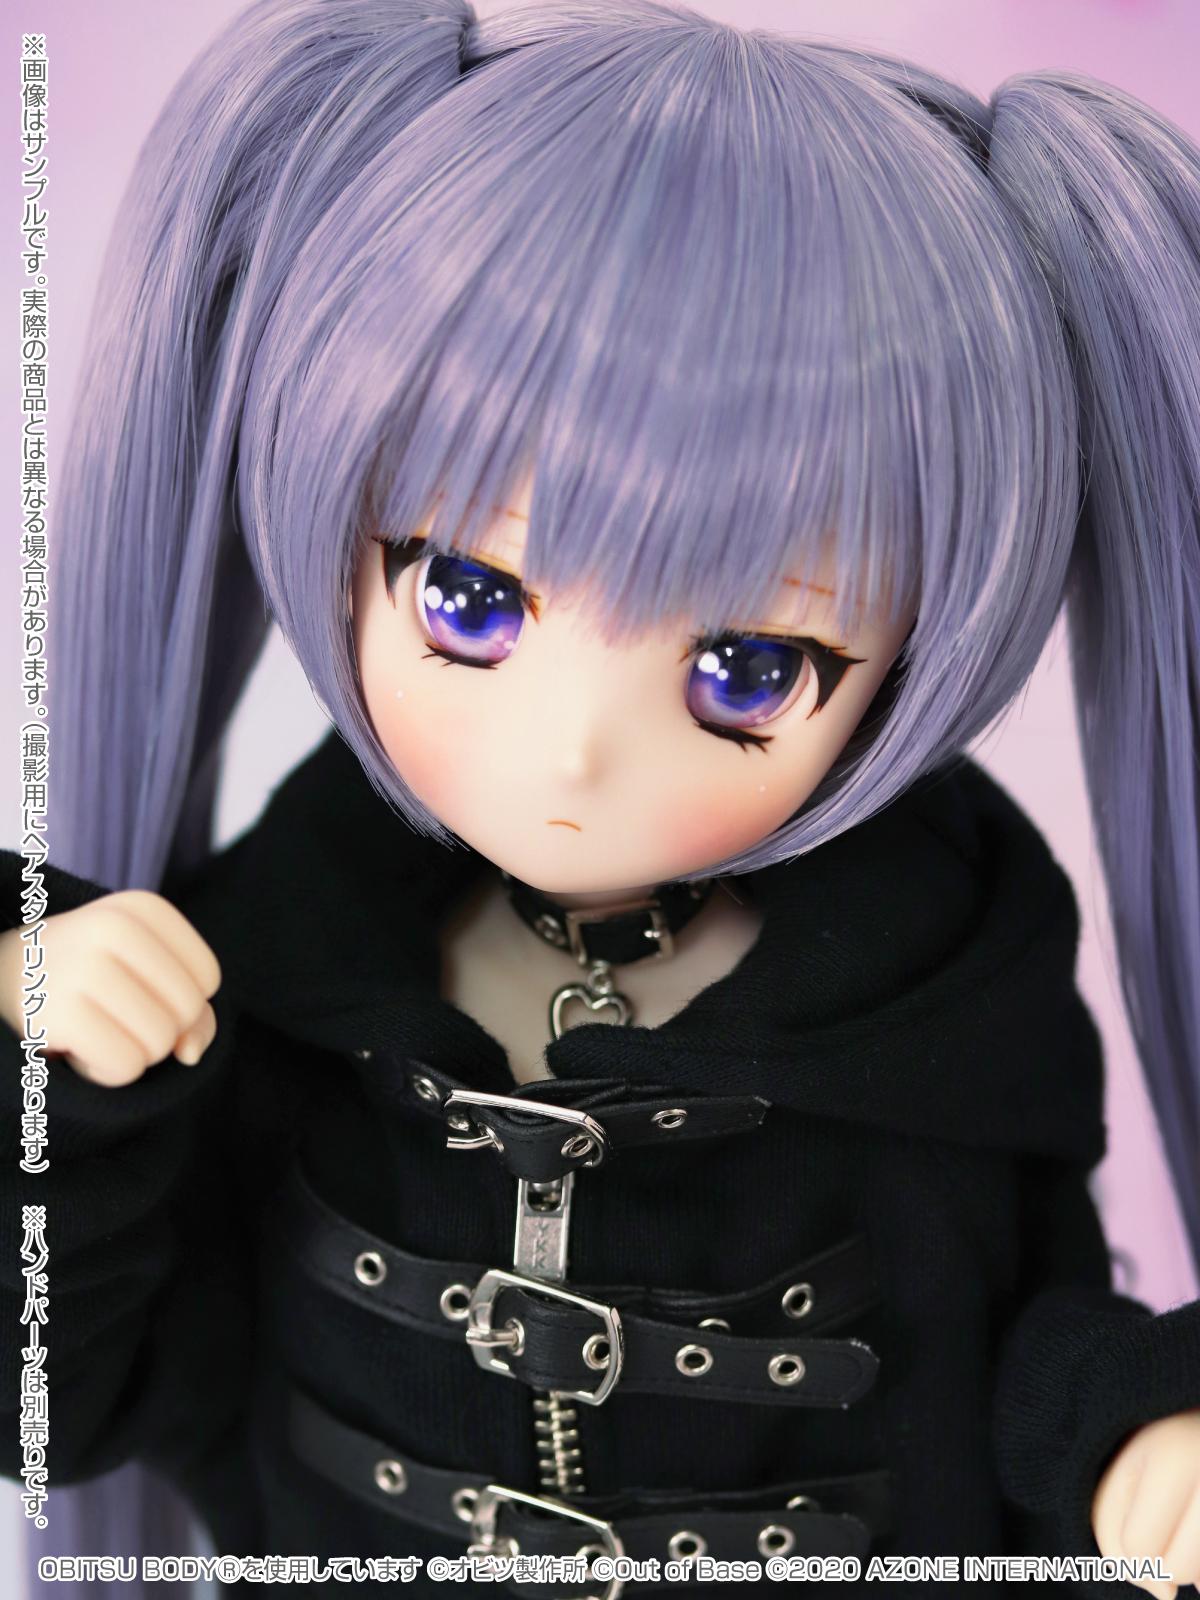 【限定販売】Iris Collect petit『すずね/Noraneko drops ver.1.1(アゾンダイレクトストア販売ver.)』1/3 完成品ドール-008